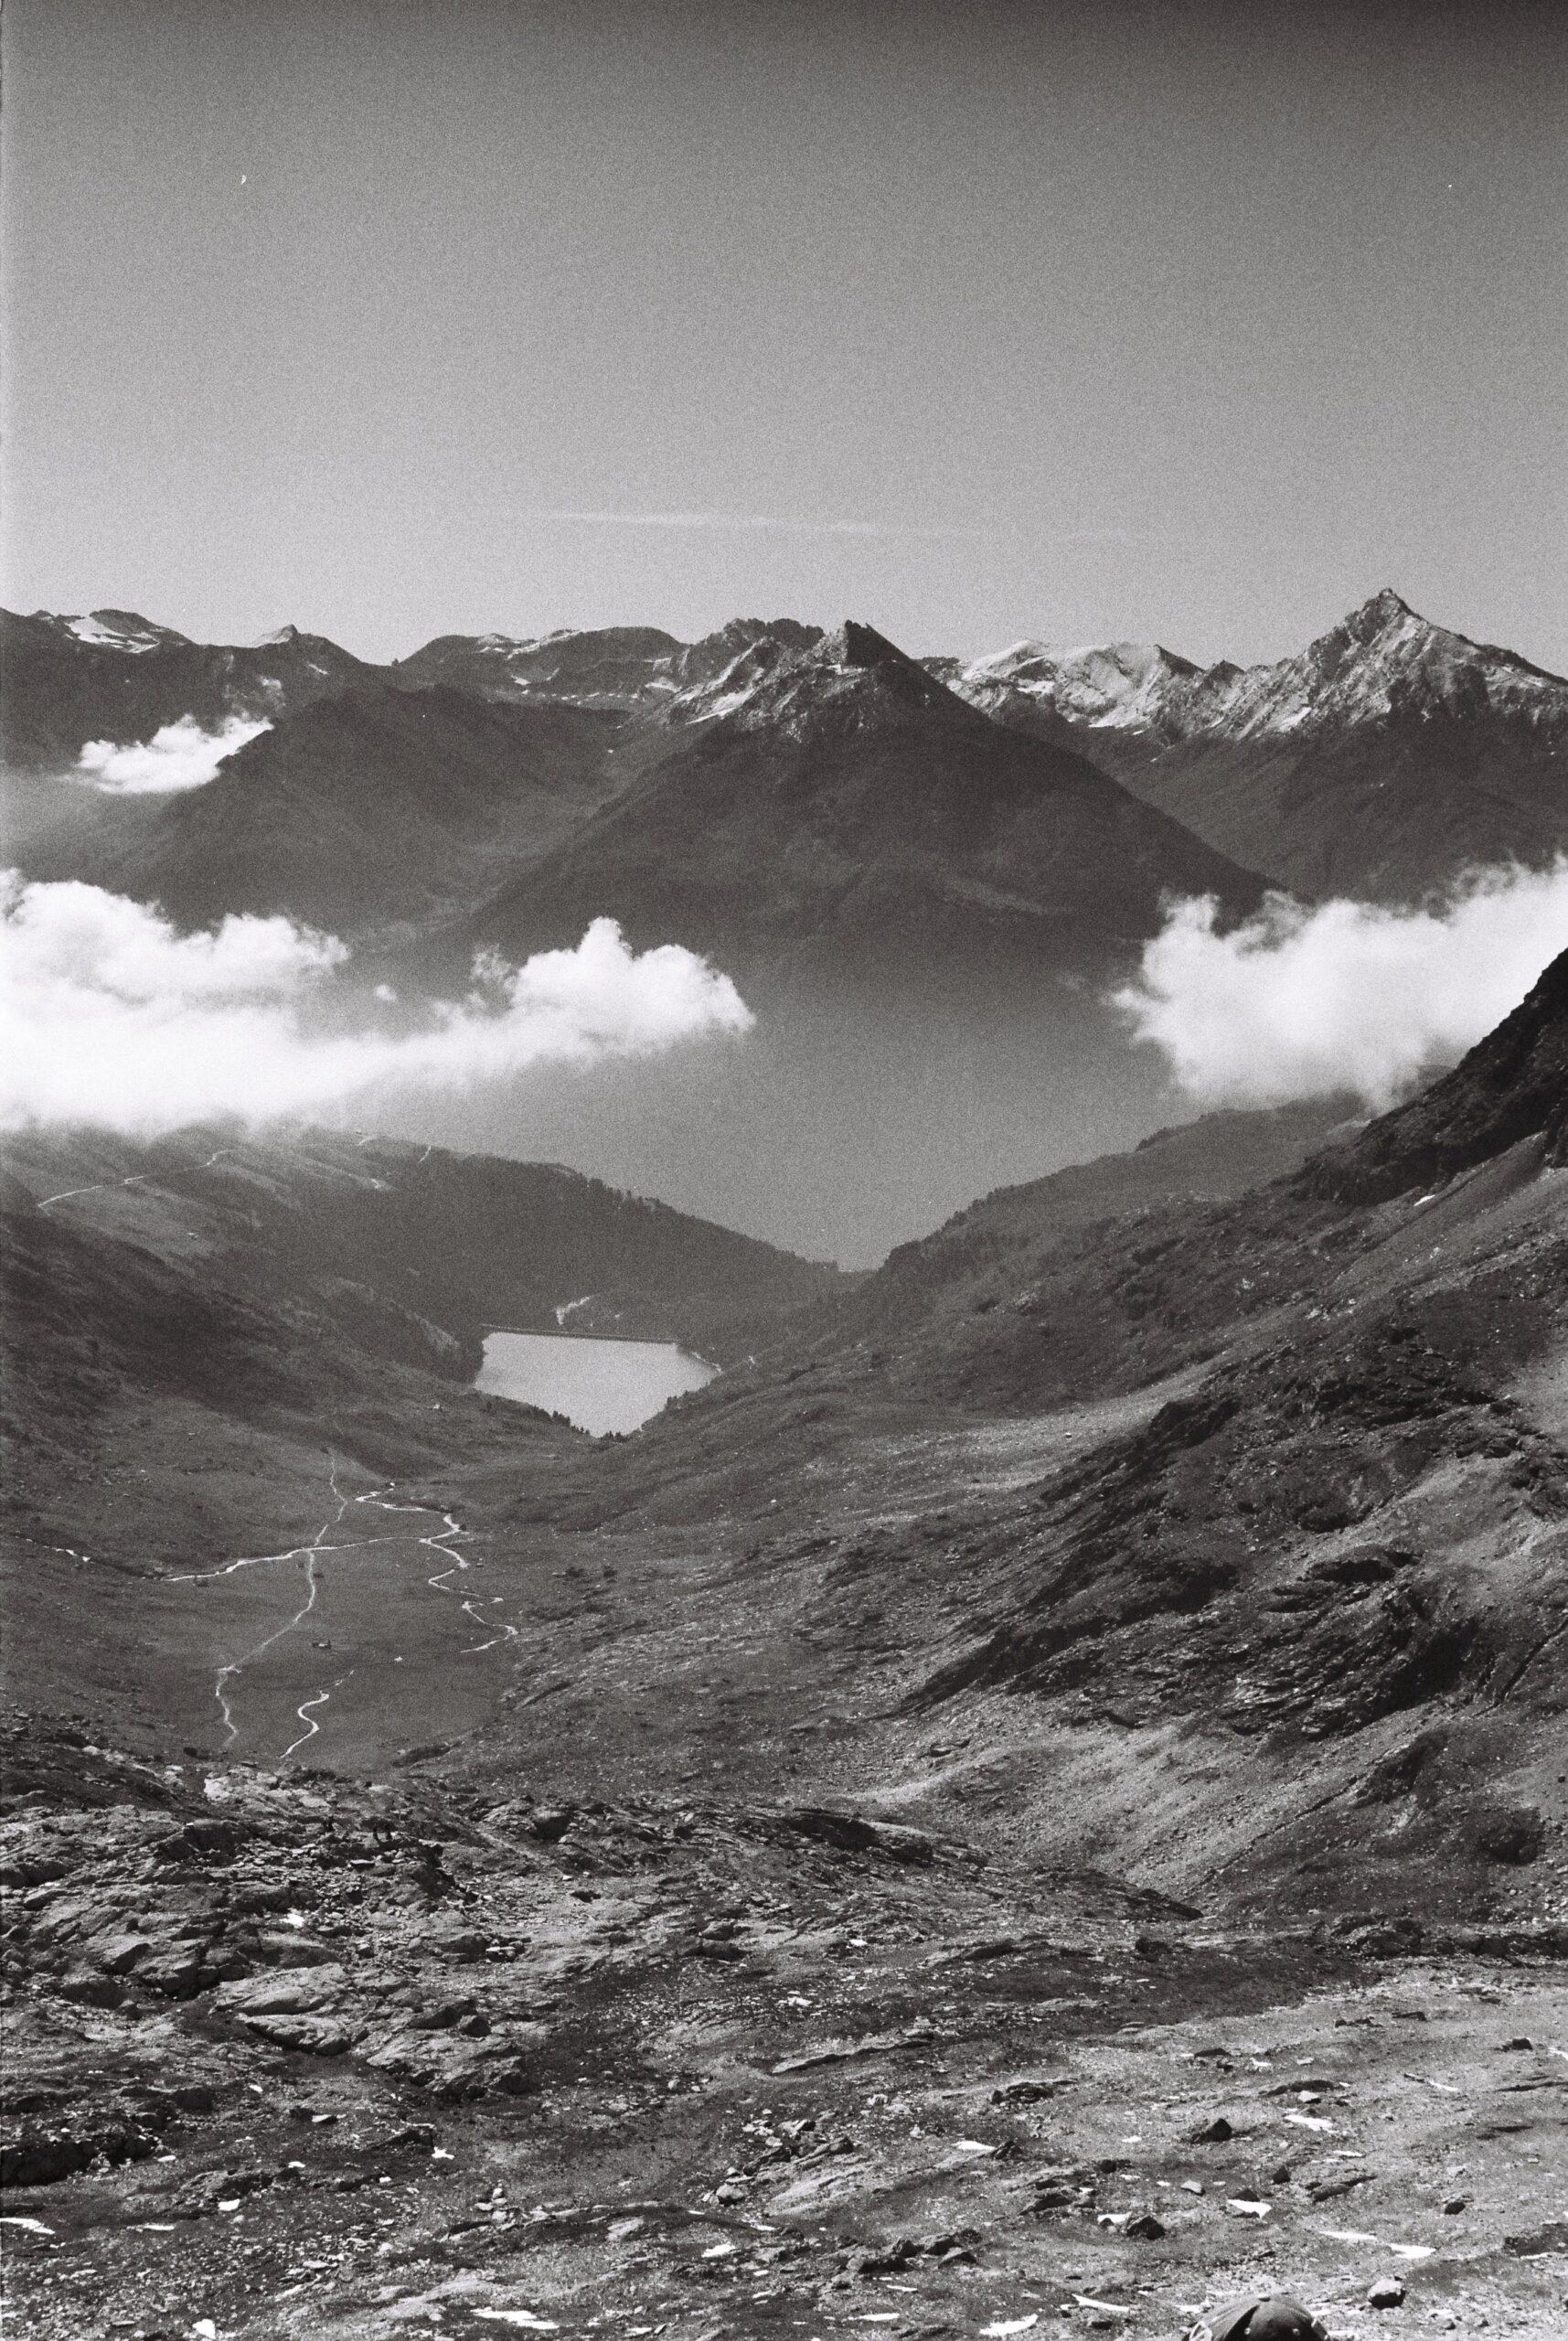 Vallée du Fond d'Aussois vue d'en haut dans la Vanoise